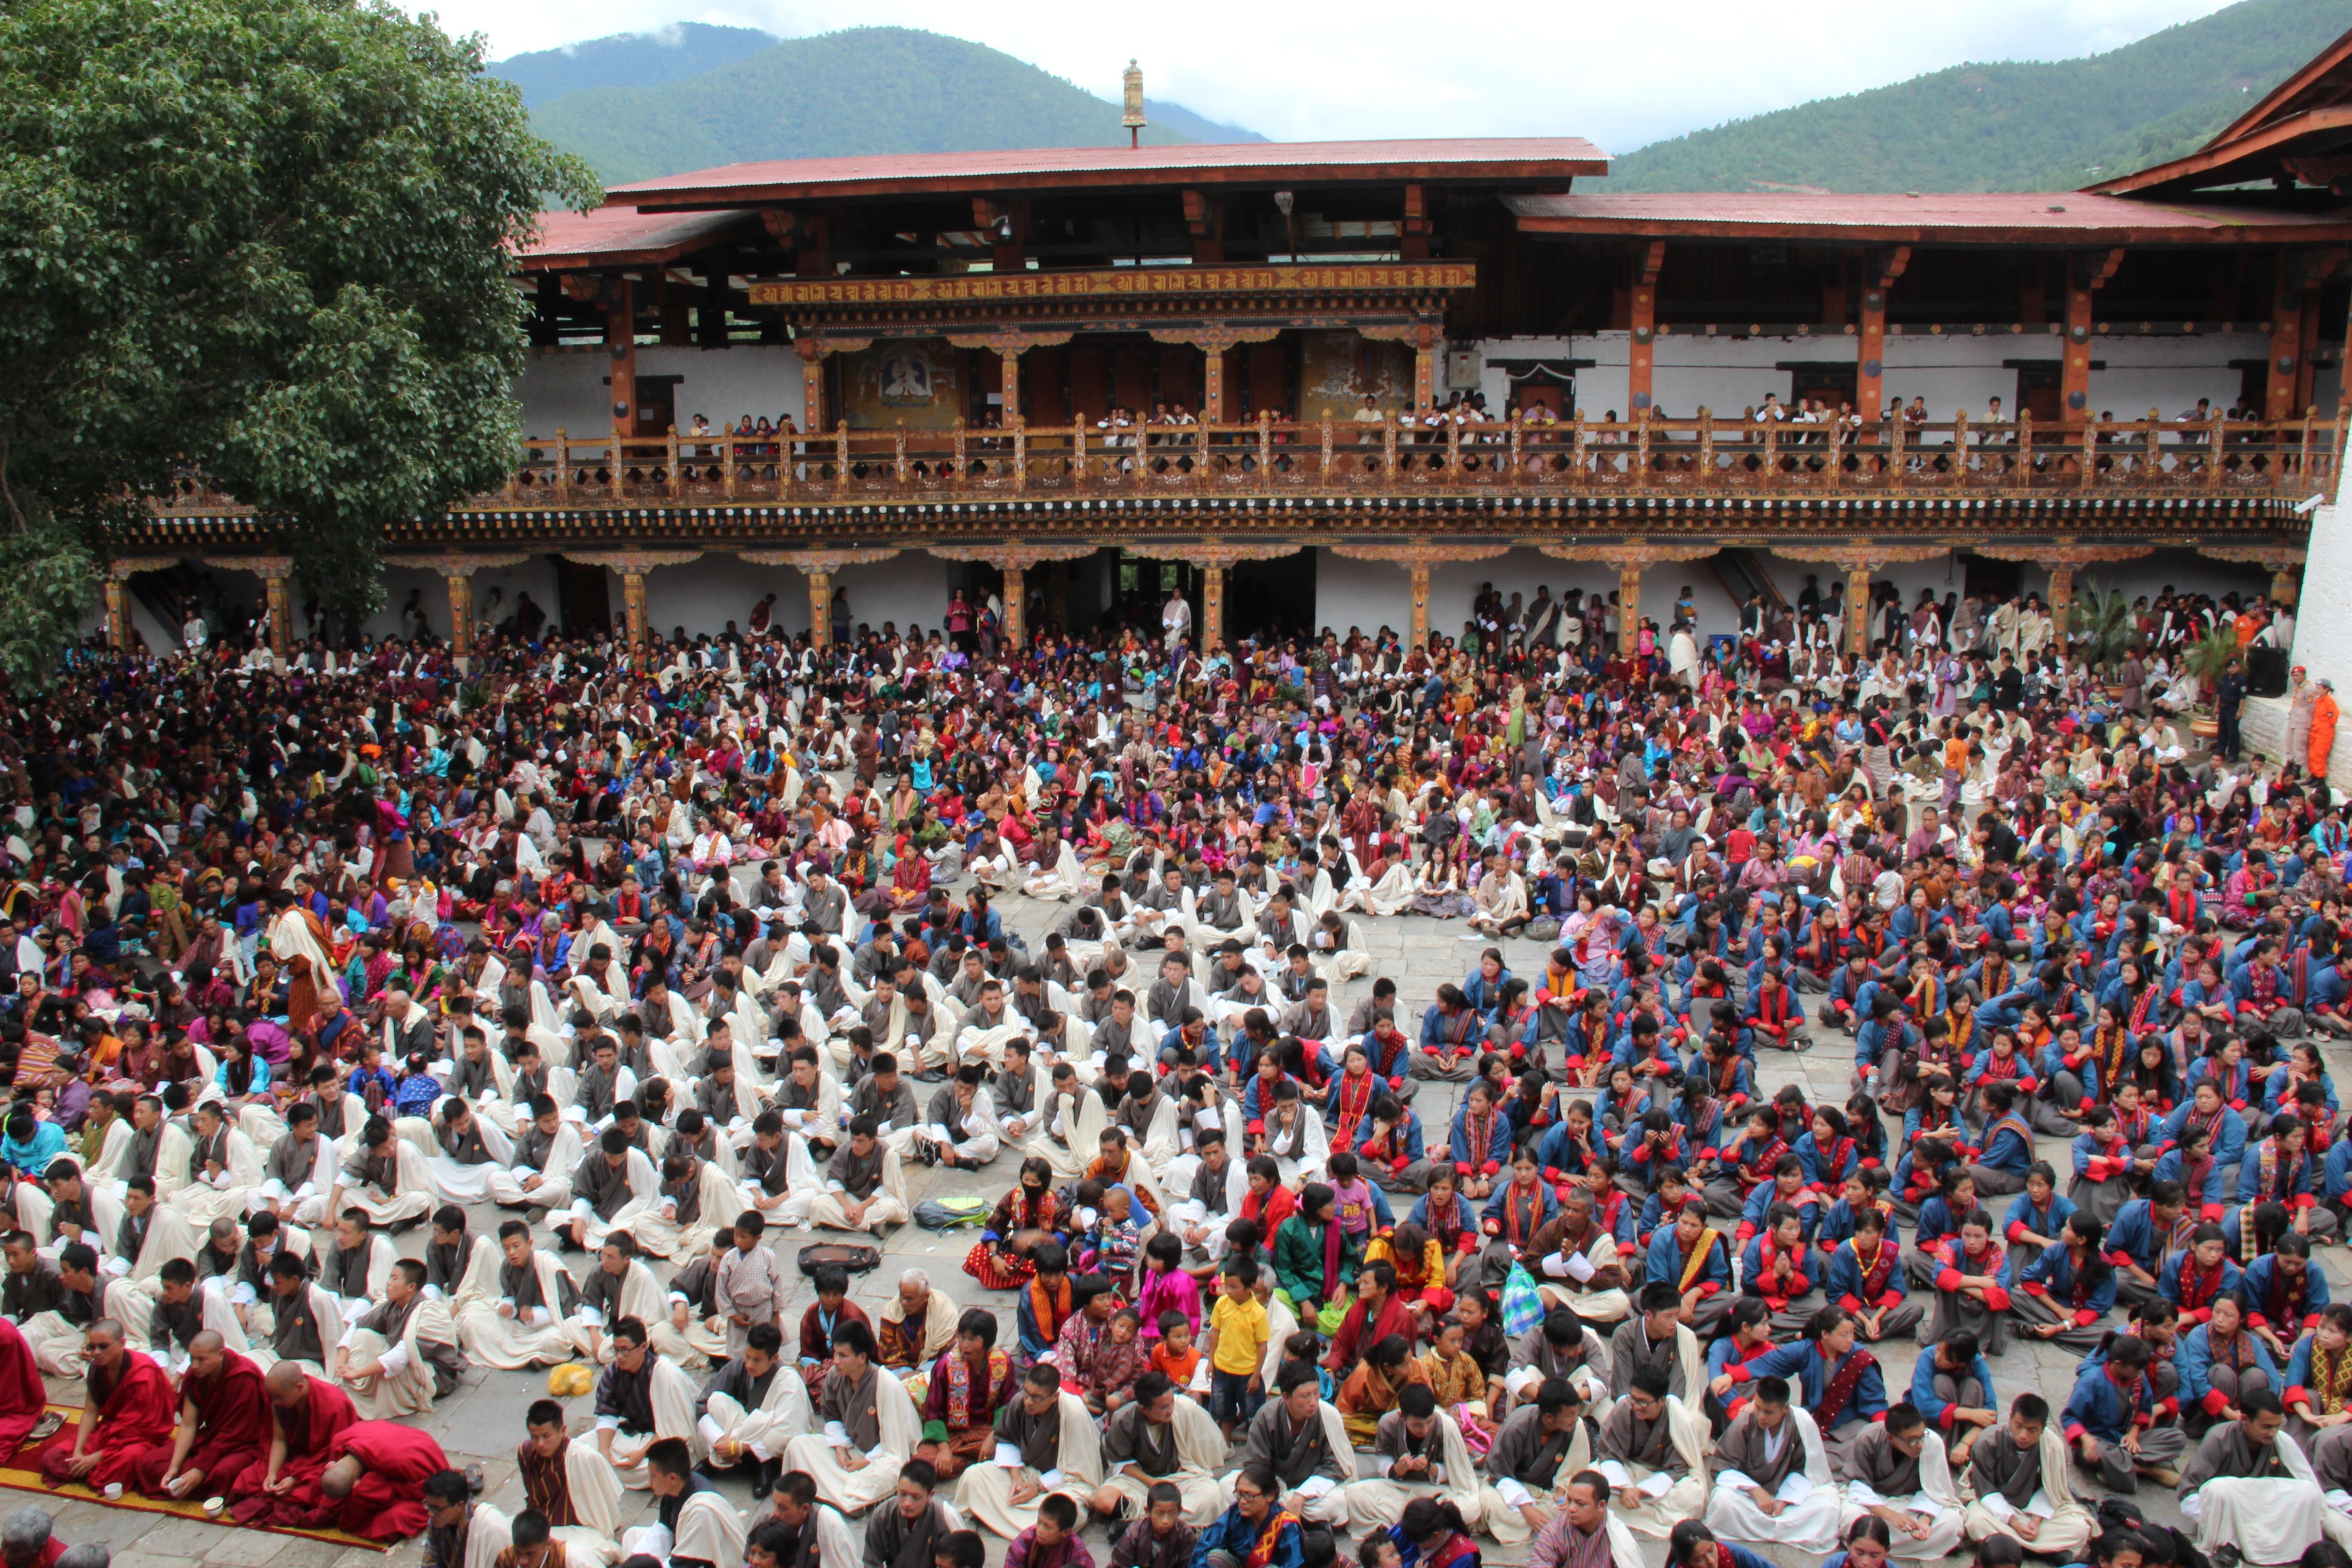 Ceremonia en el dzong the Punakha